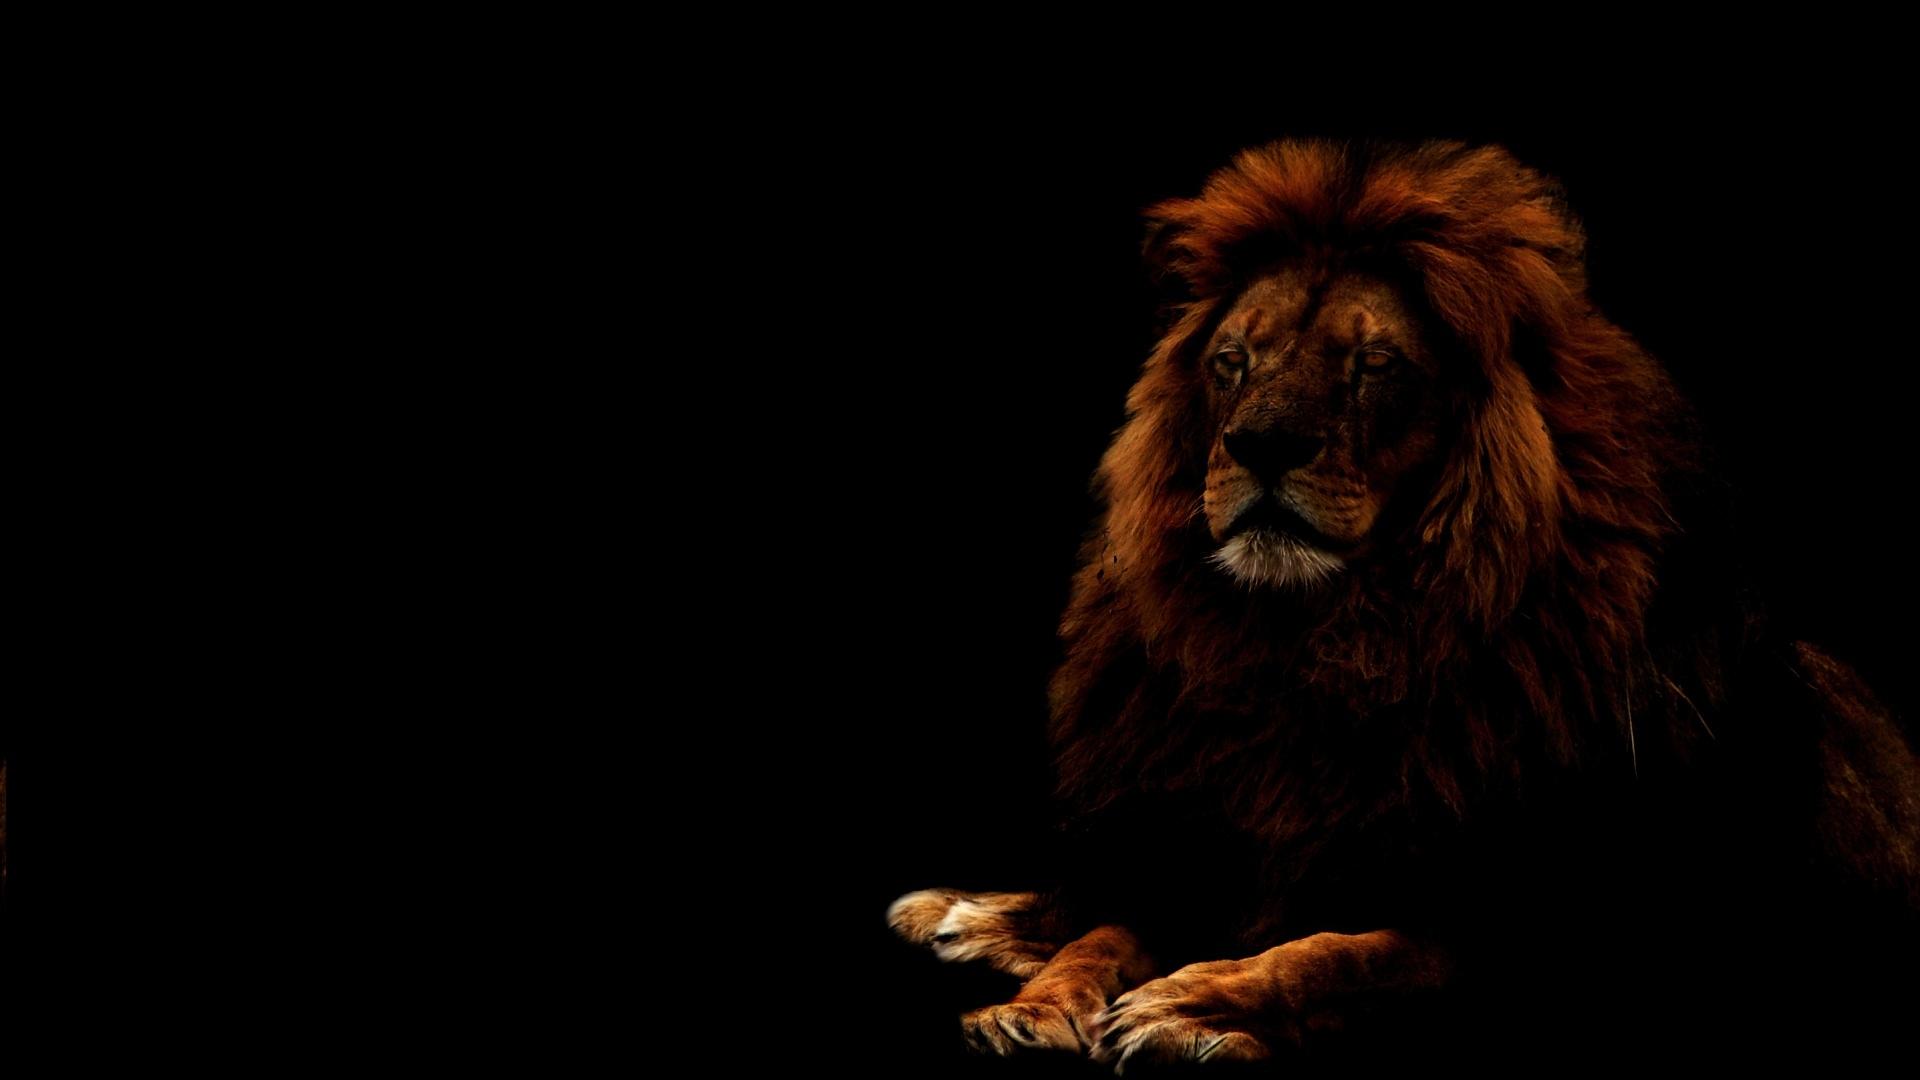 Lion fond ecran rj03 jornalagora for Fond ecran 3d